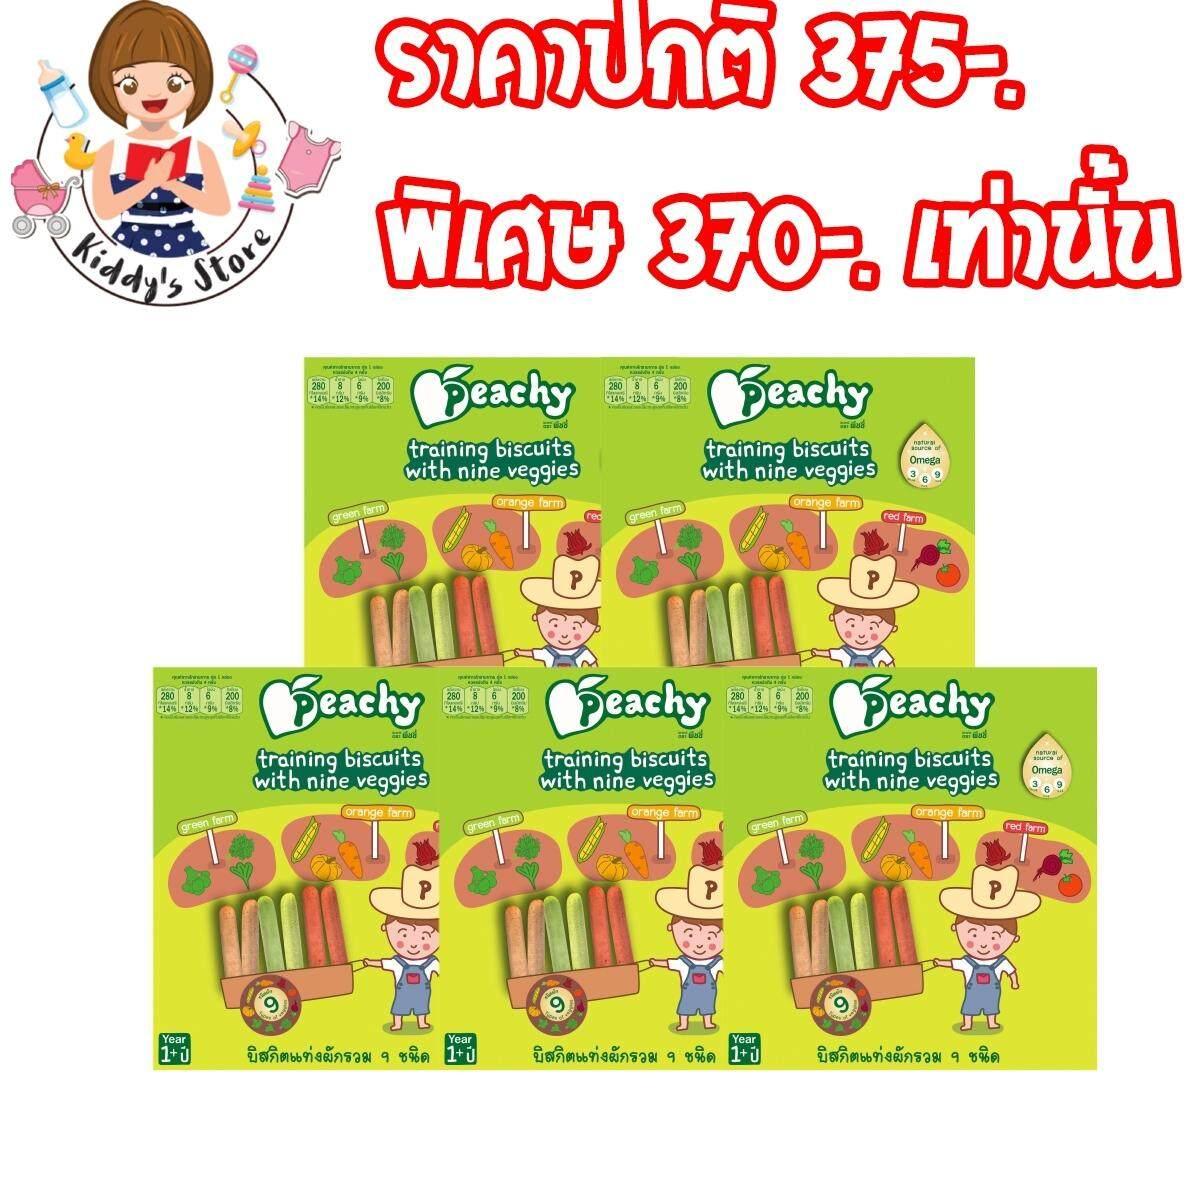 แนะนำ Peachy บิสกิตแท่งผักรวม 9 ชนิด 4ซองใน1กล่อง 5 กล่องในราคาพิเศษ